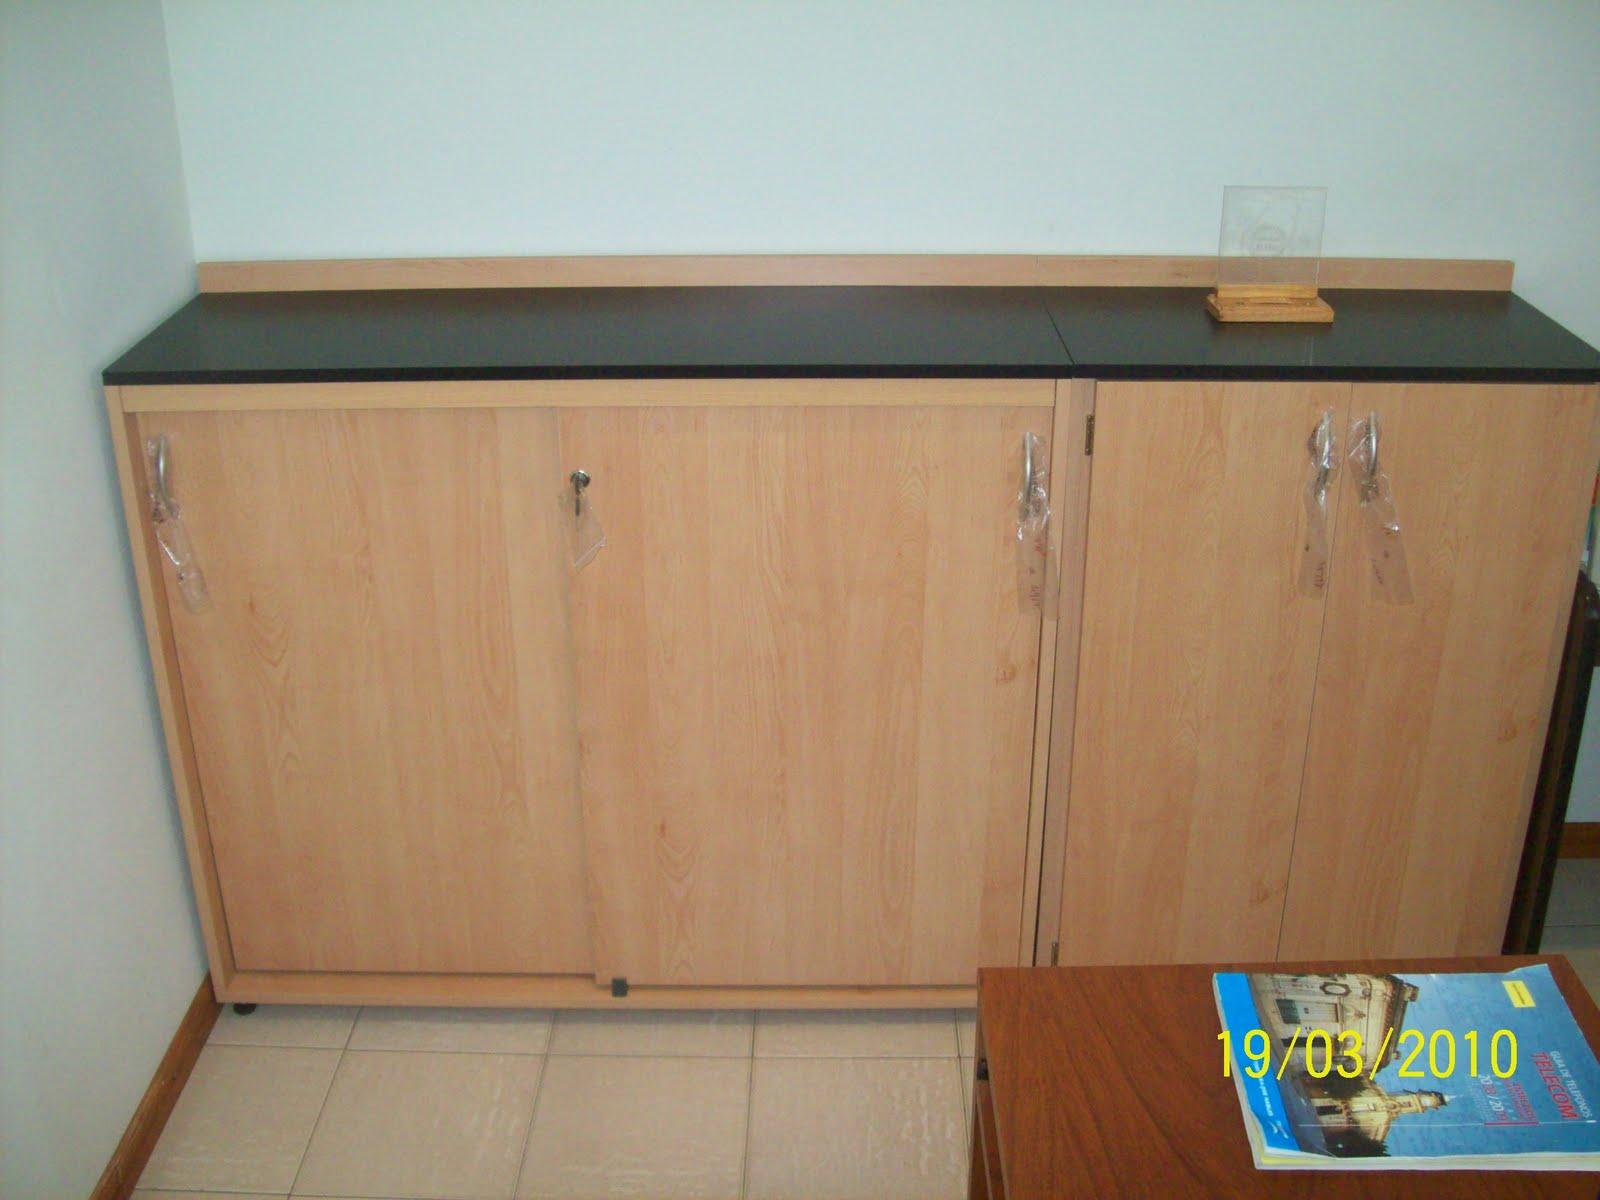 D m c amoblamientos amoblamiento de oficina contruido en for Amoblamientos de oficina